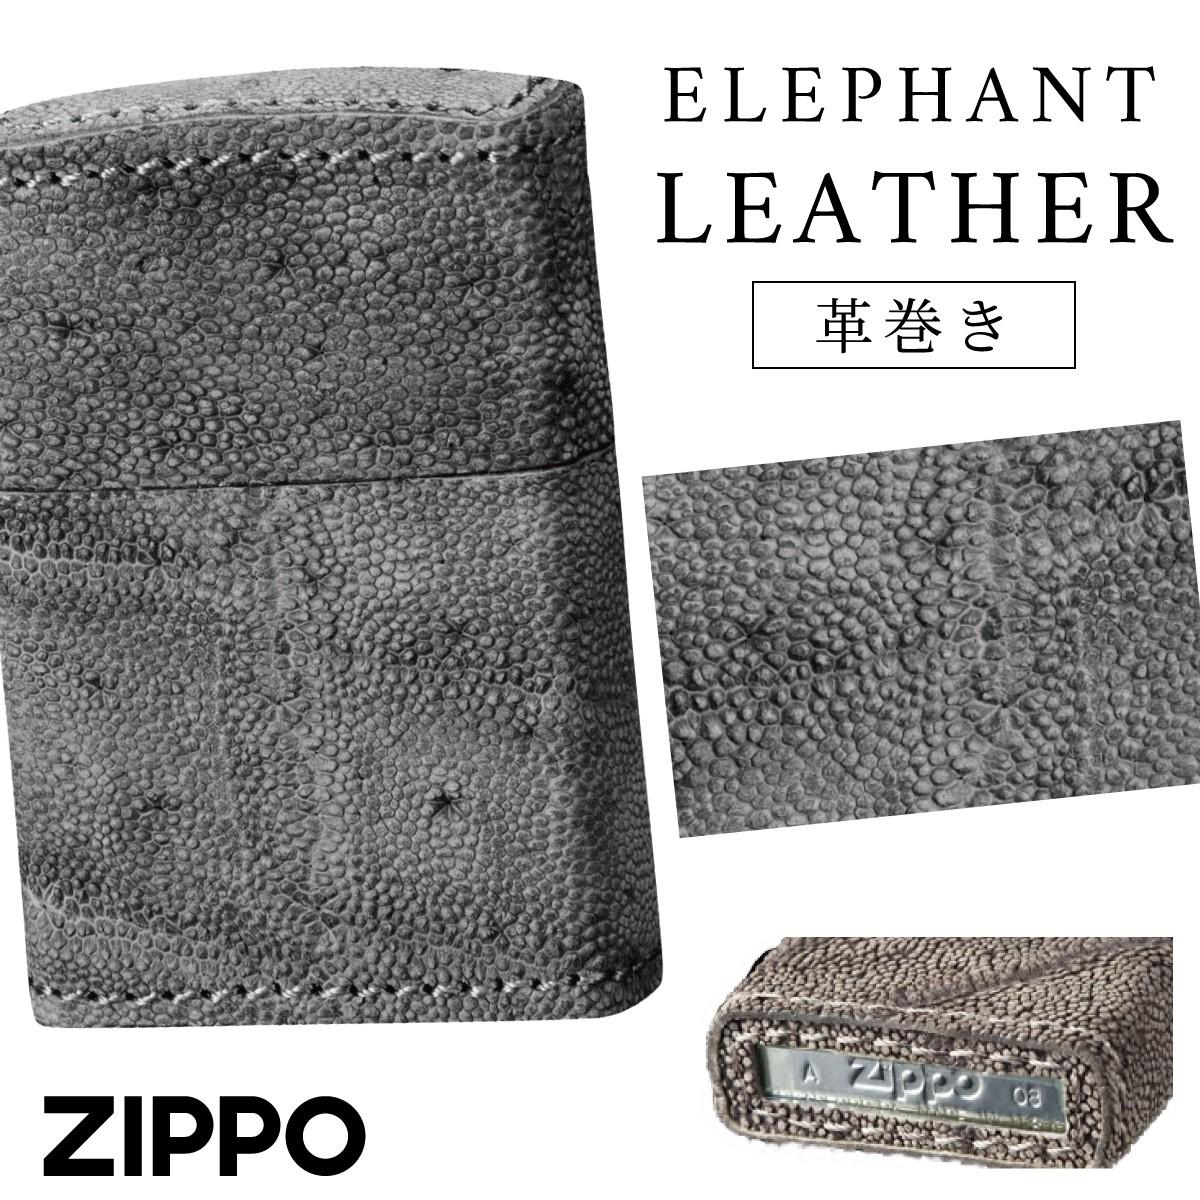 zippo ジッポーライター エレファント ギフト プレゼント 贈り物 返品不可 オイルライター ジッポライター 彼氏 男性 メンズ 喫煙具